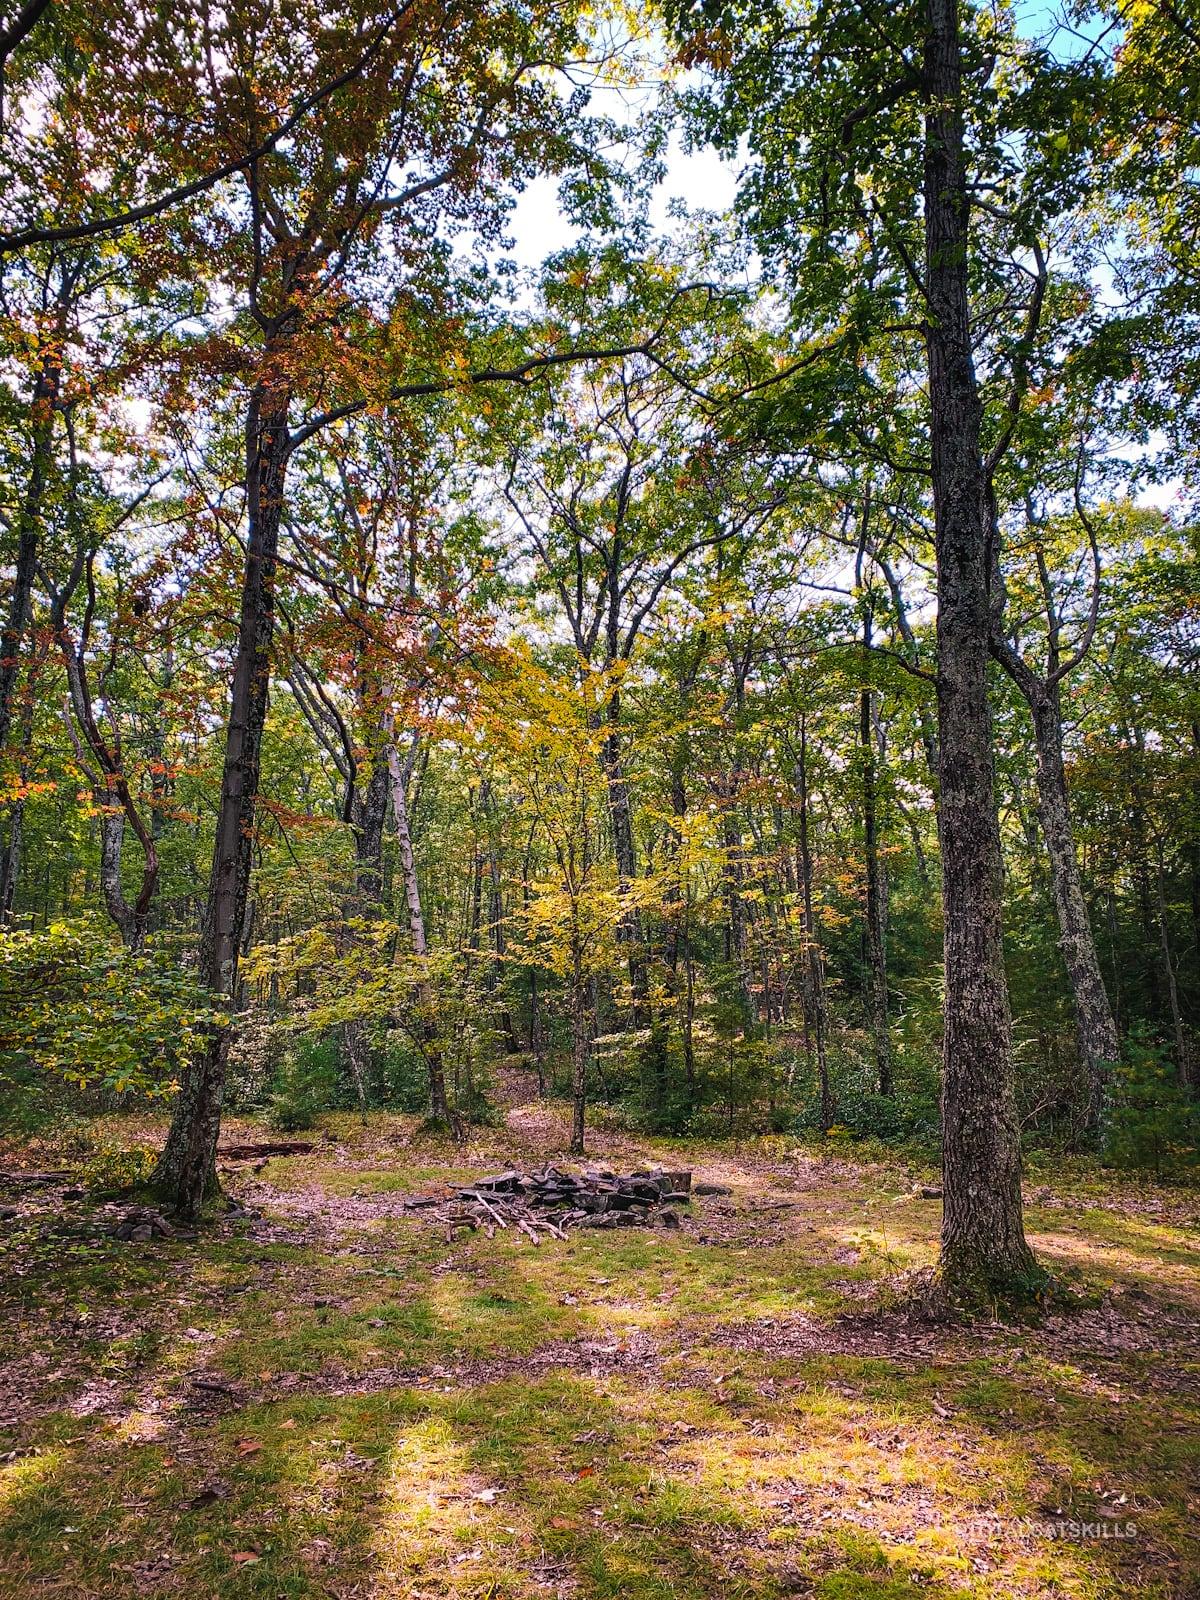 campsite in woods